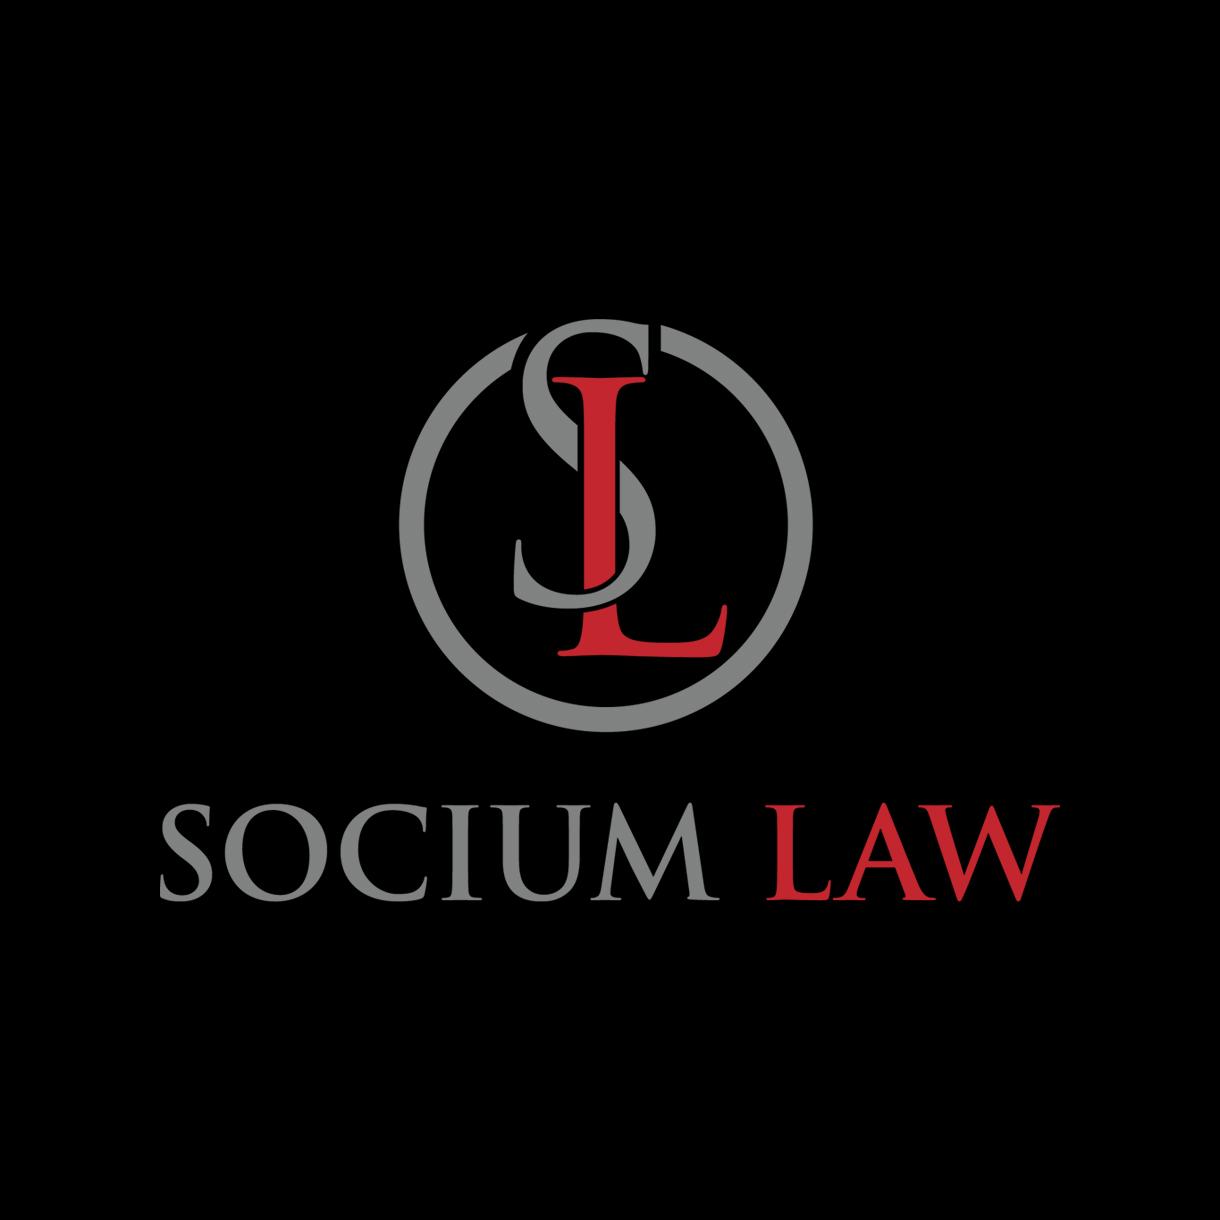 Socium Law